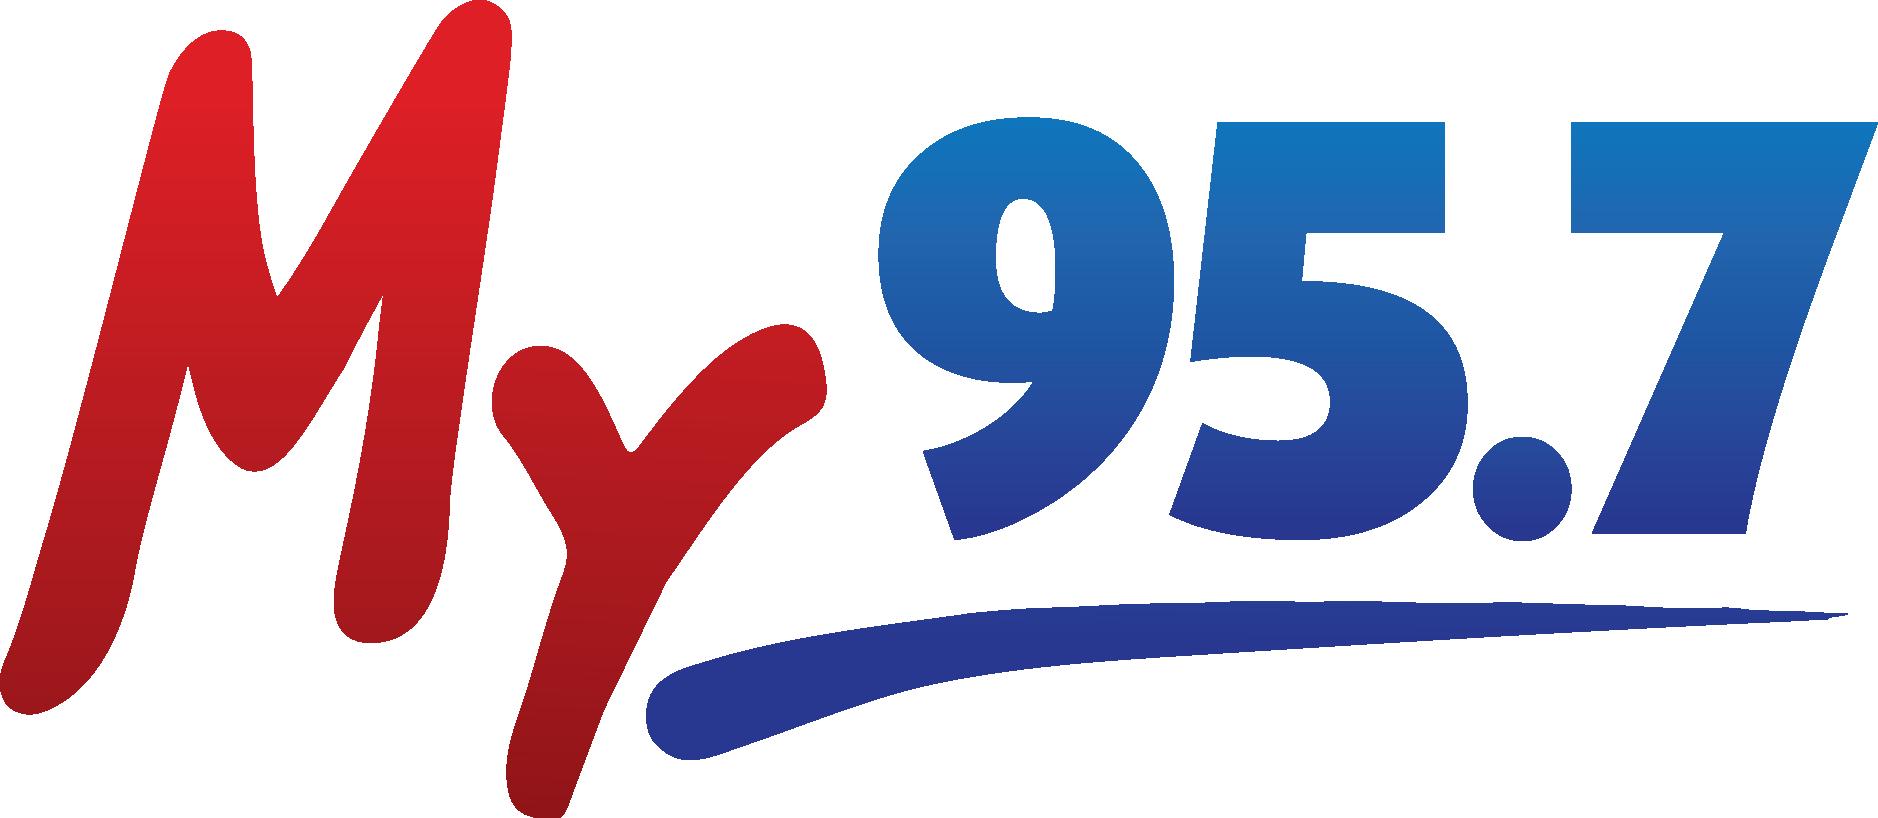 FM 95.7 - KDAL FM